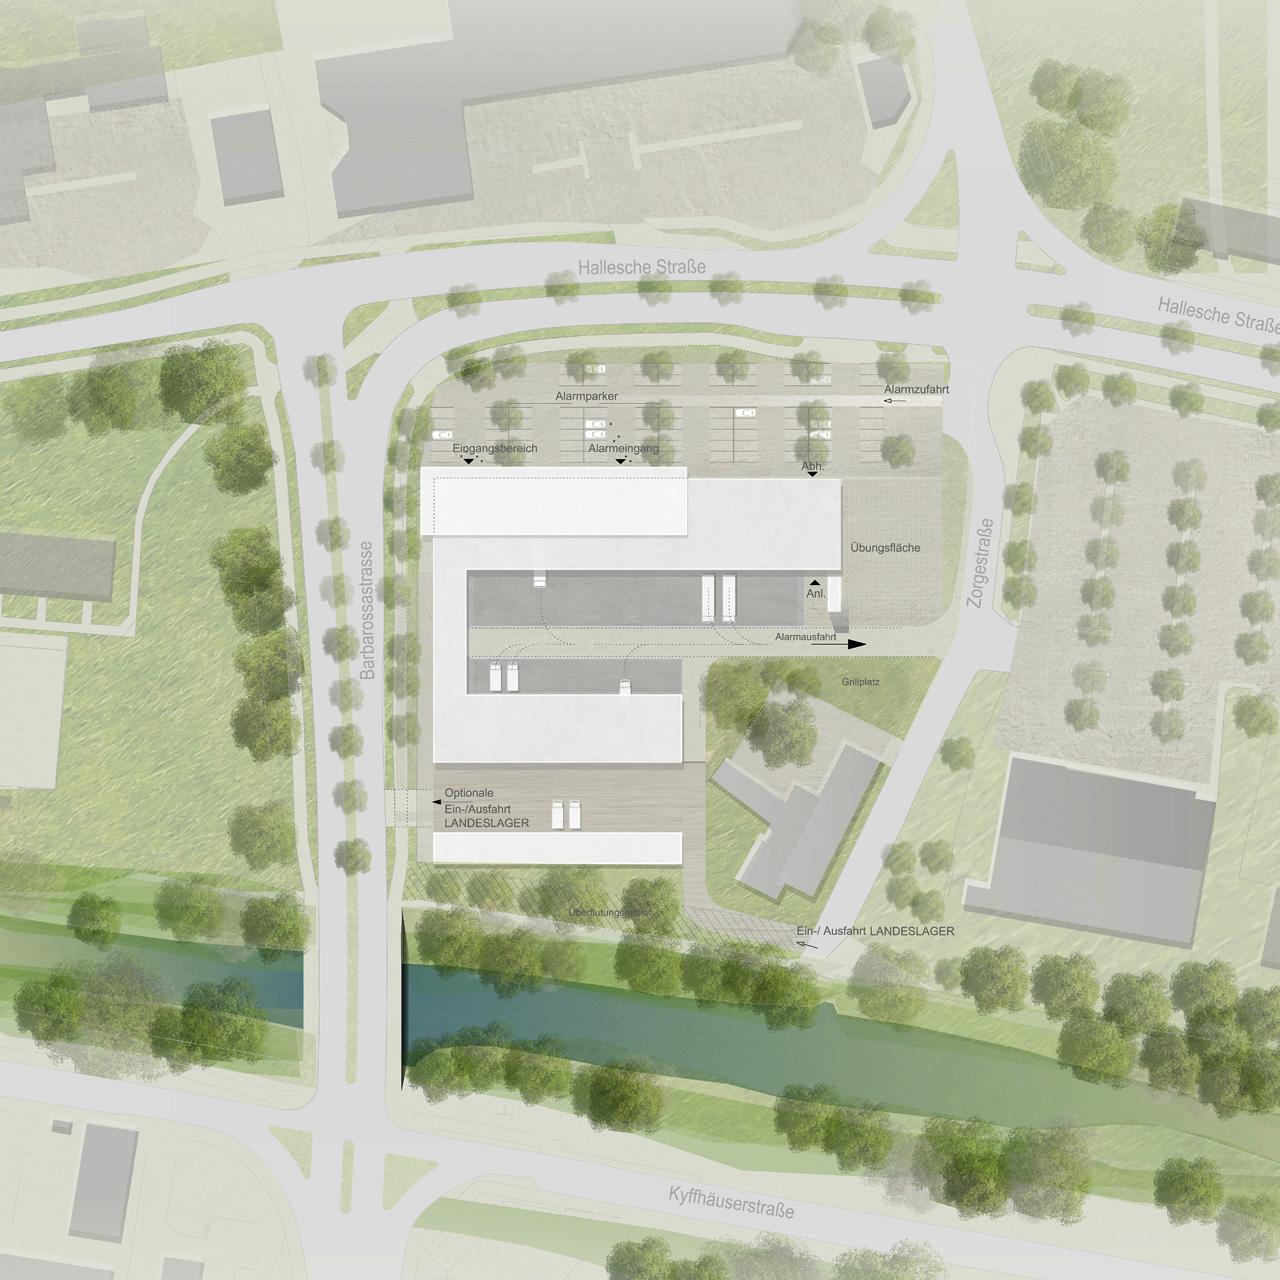 Neubau Feuerwehrtechnisches Zentrum Nordhausen, Lageplan detailliert